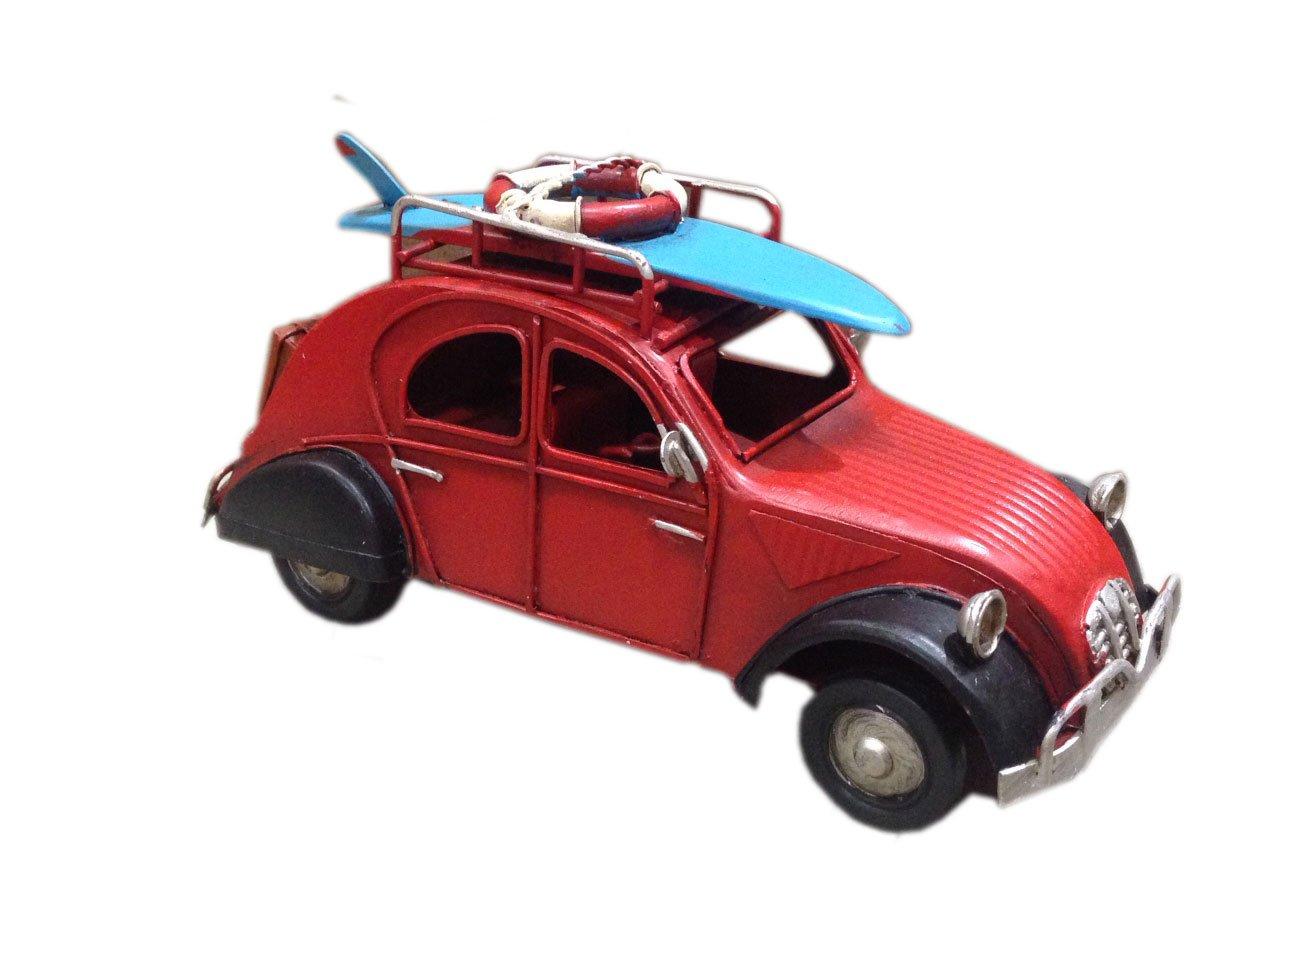 G& S Petite 2CV Miniatures en métal, L 16 cm, Modèle Rouge et Noir SG